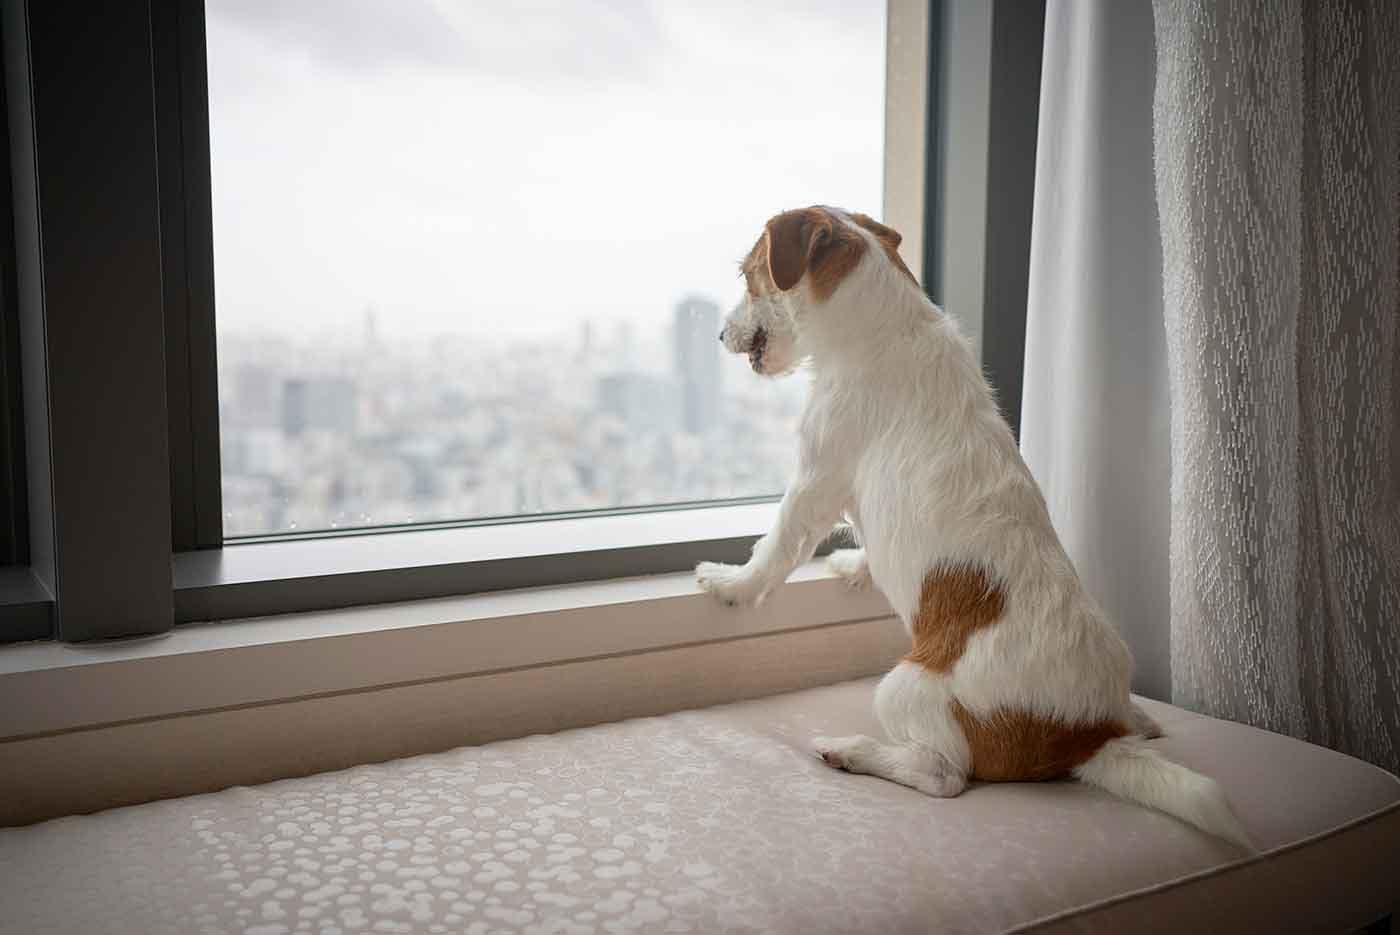 5つ星ホテルに愛犬と泊まる!『マンダリン オリエンタル 東京』が初となる愛犬向けサービスを開始